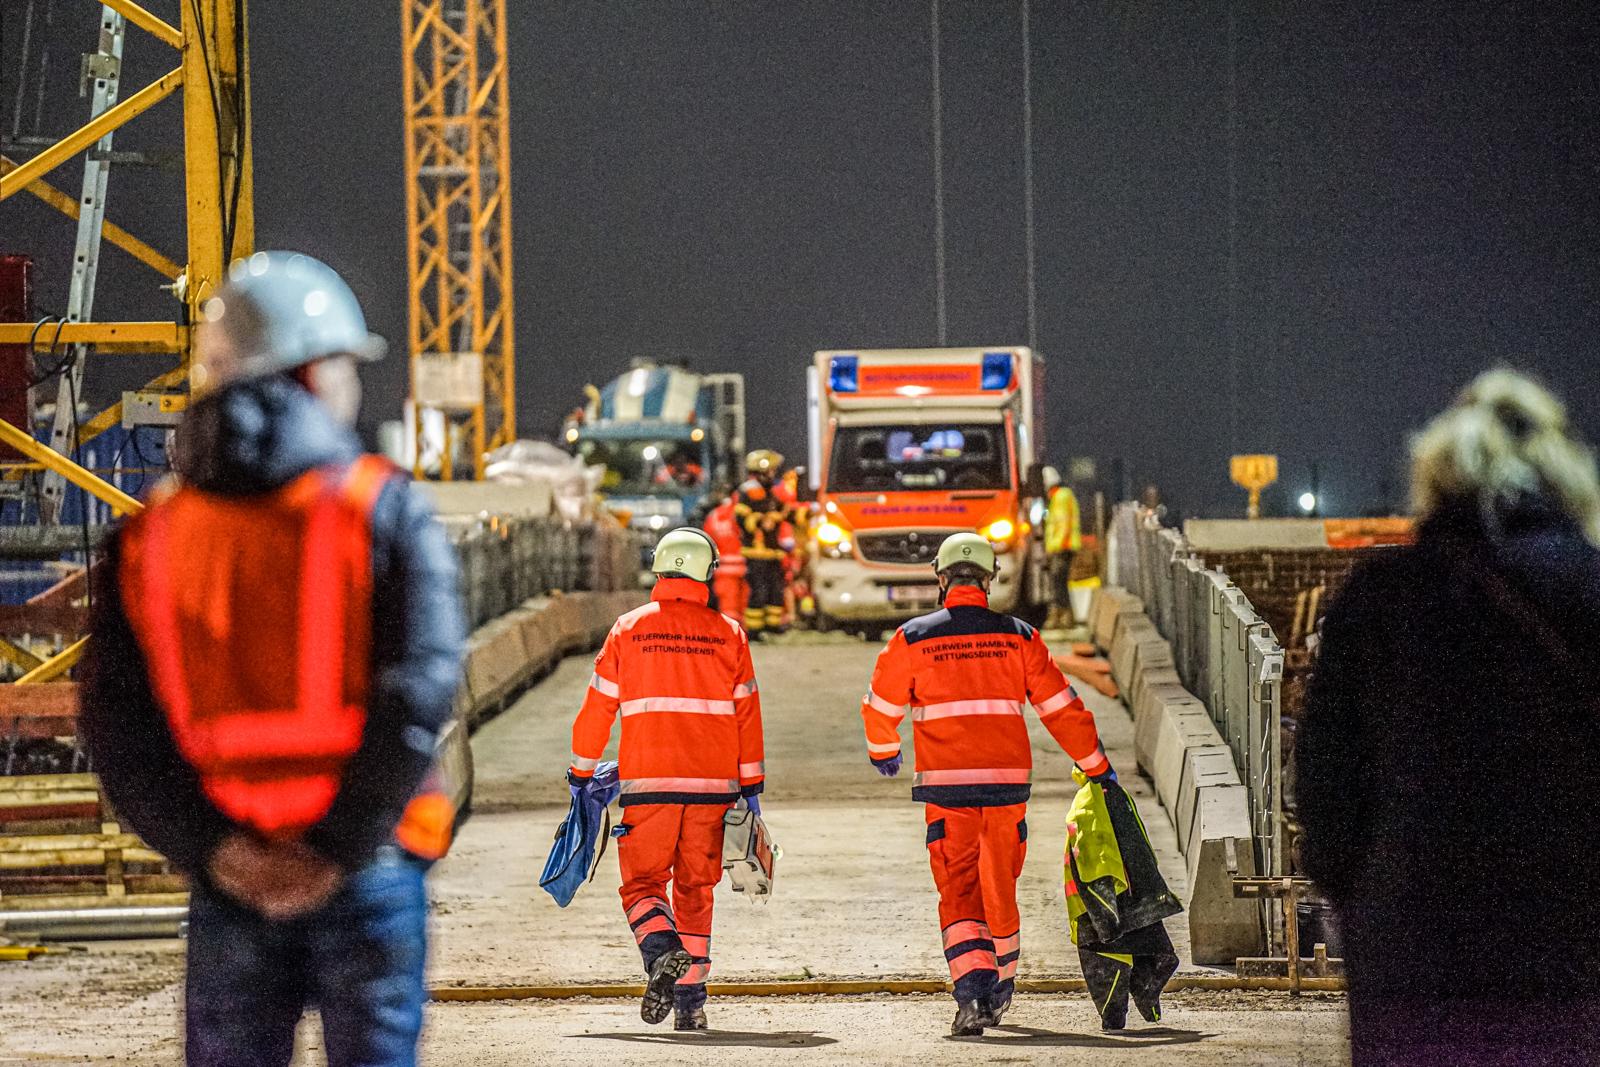 Arbeitsunfall auf Baustelle: Höhenretter retten schwer verletzten Bauarbeiter mit Kran